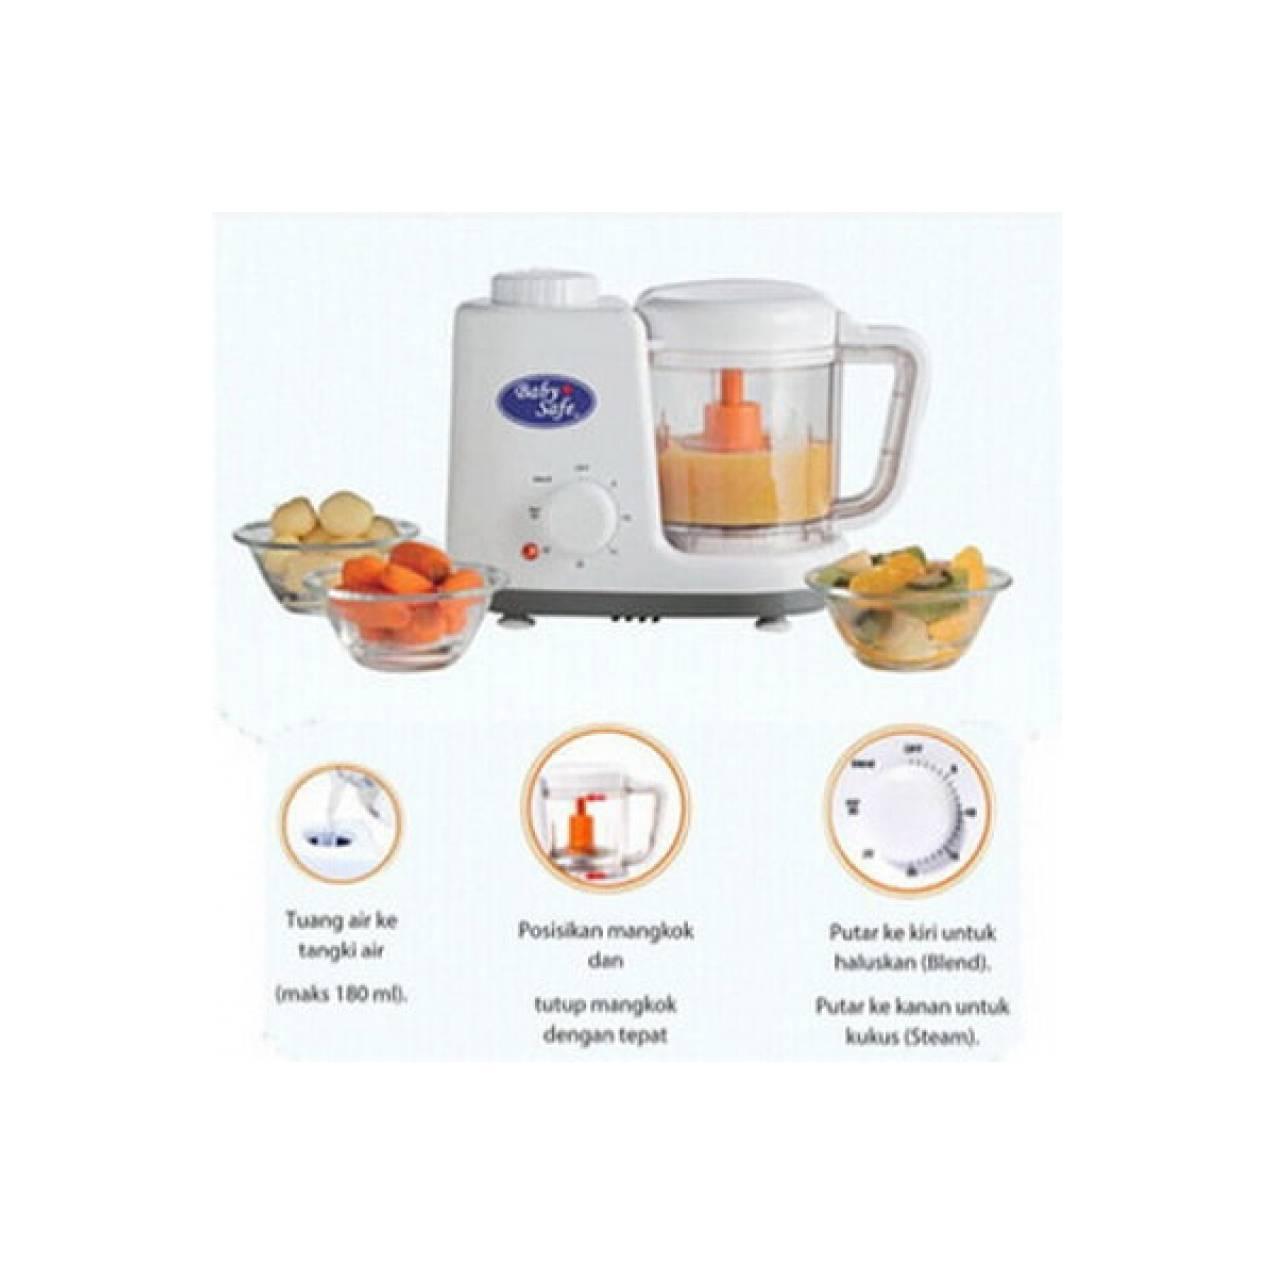 Kelebihan Philips Food Steamer Hd9104 Terkini Daftar Harga Dan Garment Gc504 Babysafe Maker Baby Safe And Blender